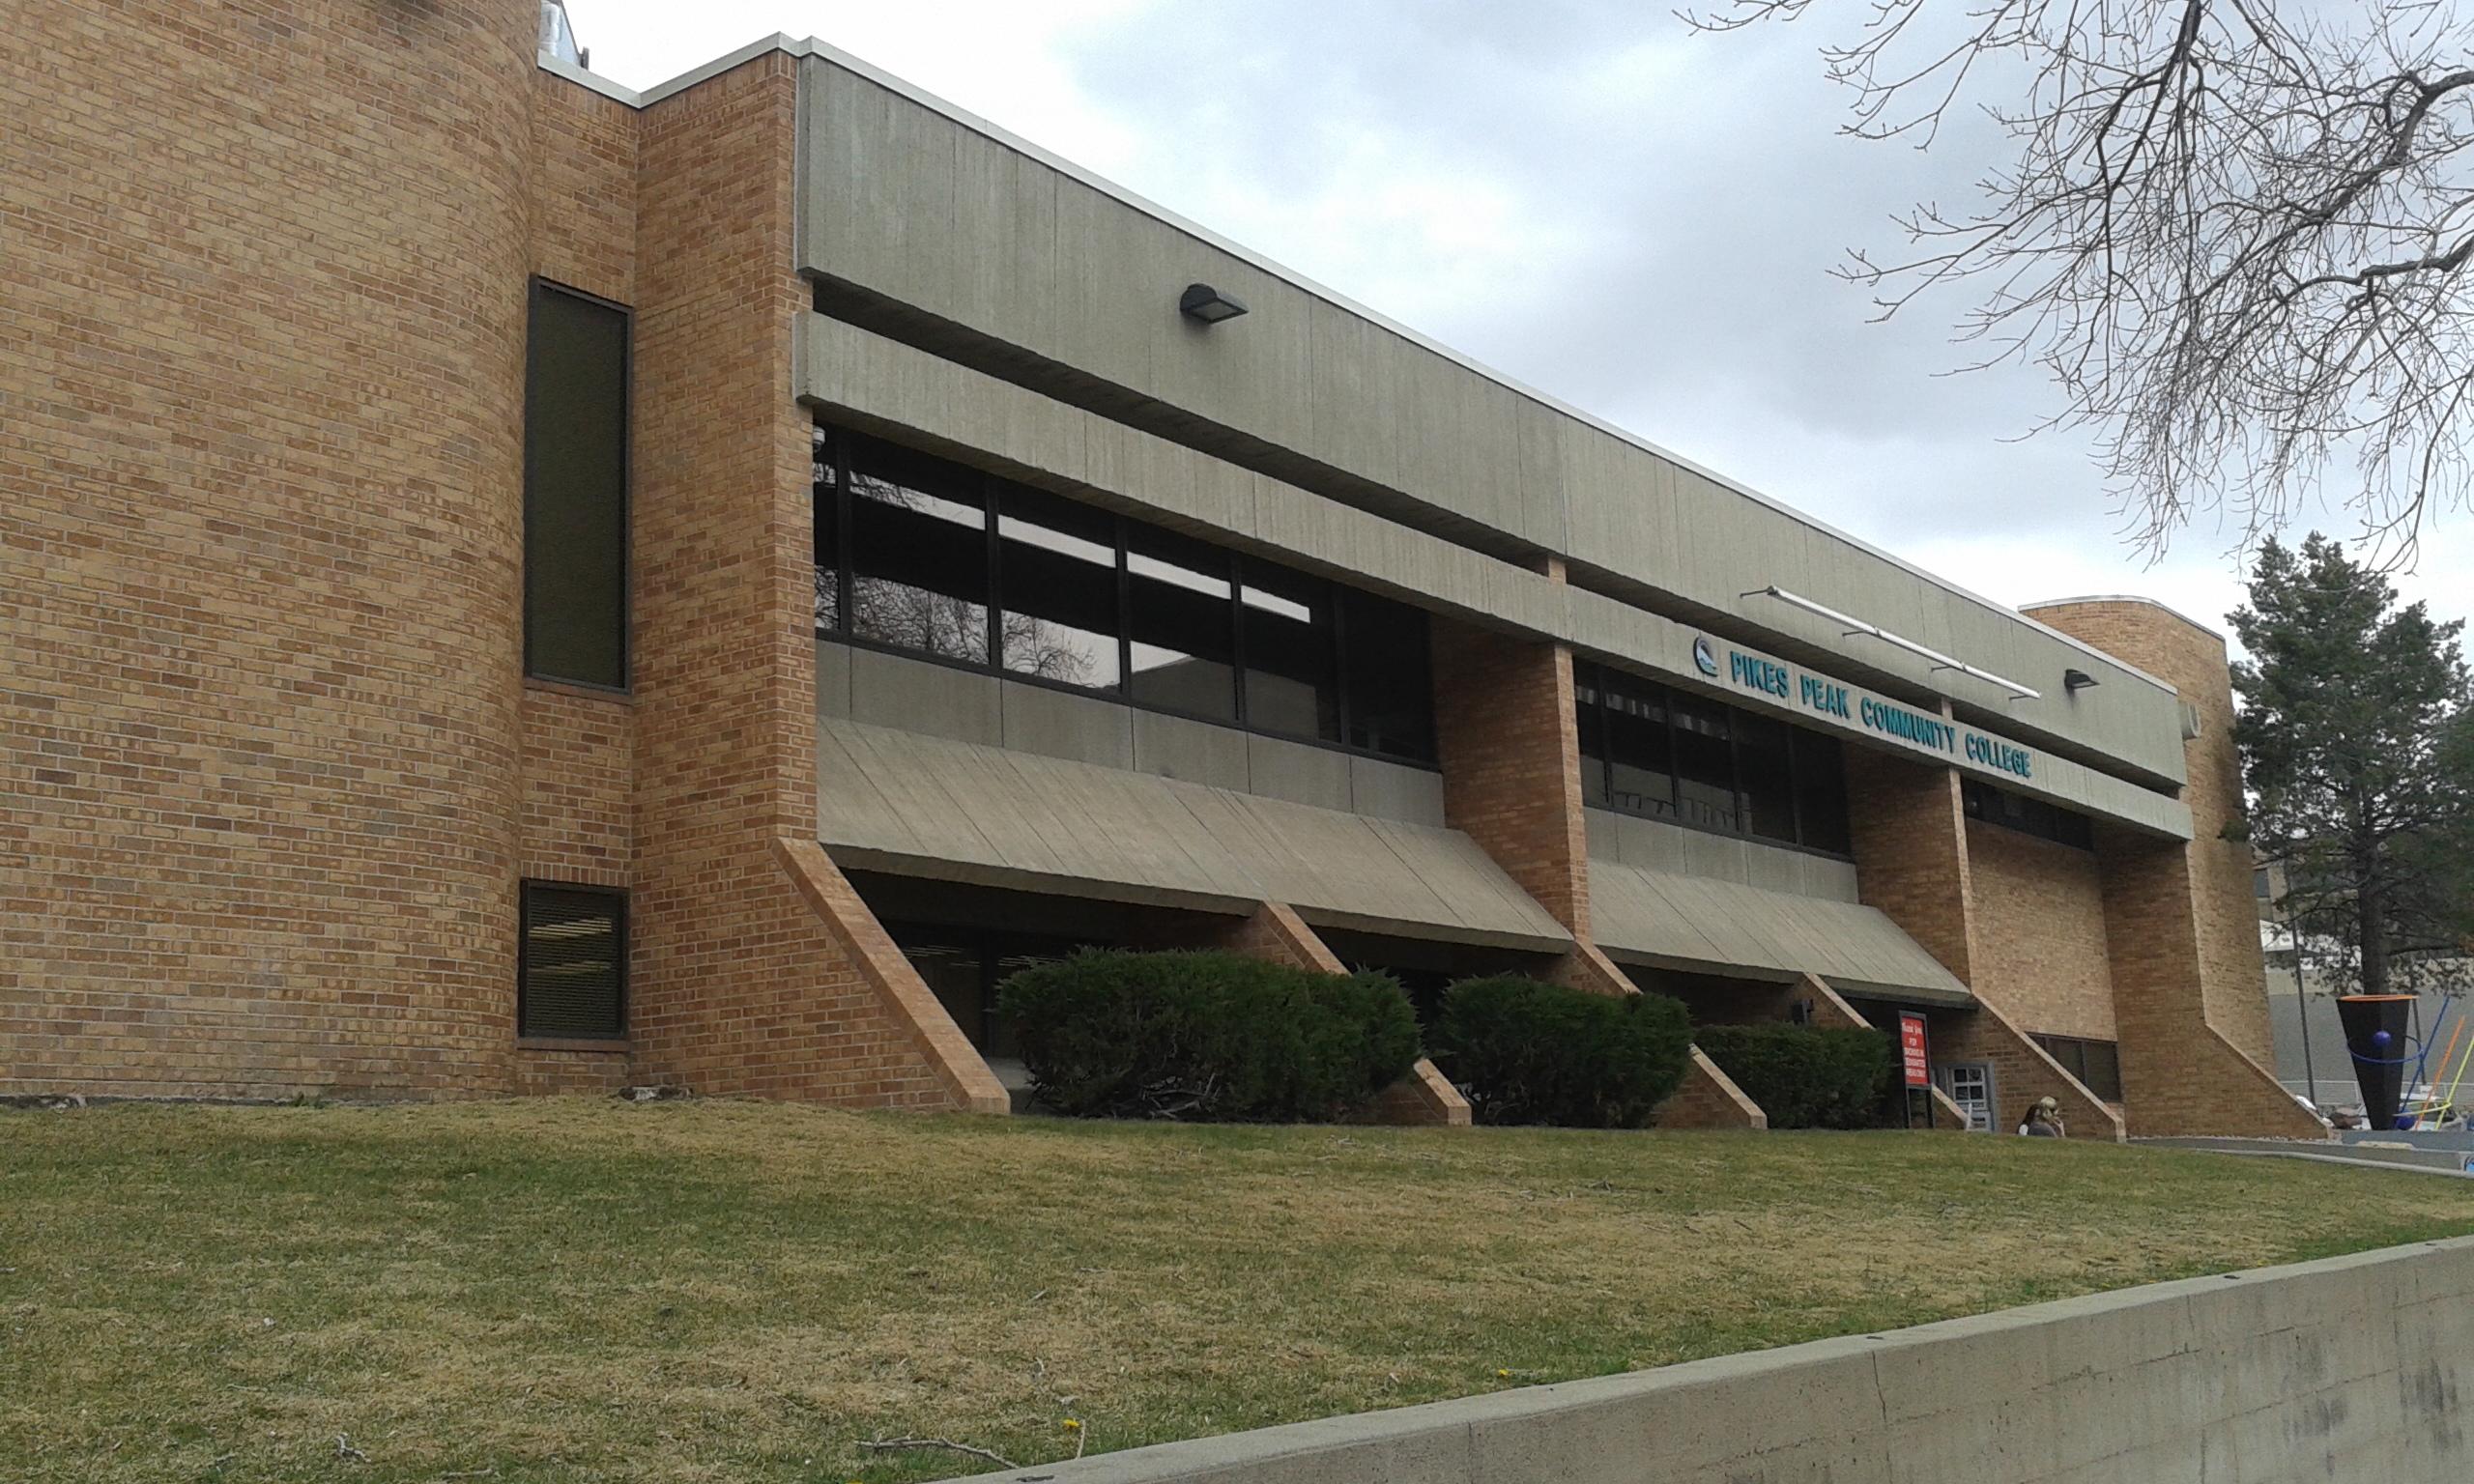 Pikes Peak Community College Campuses